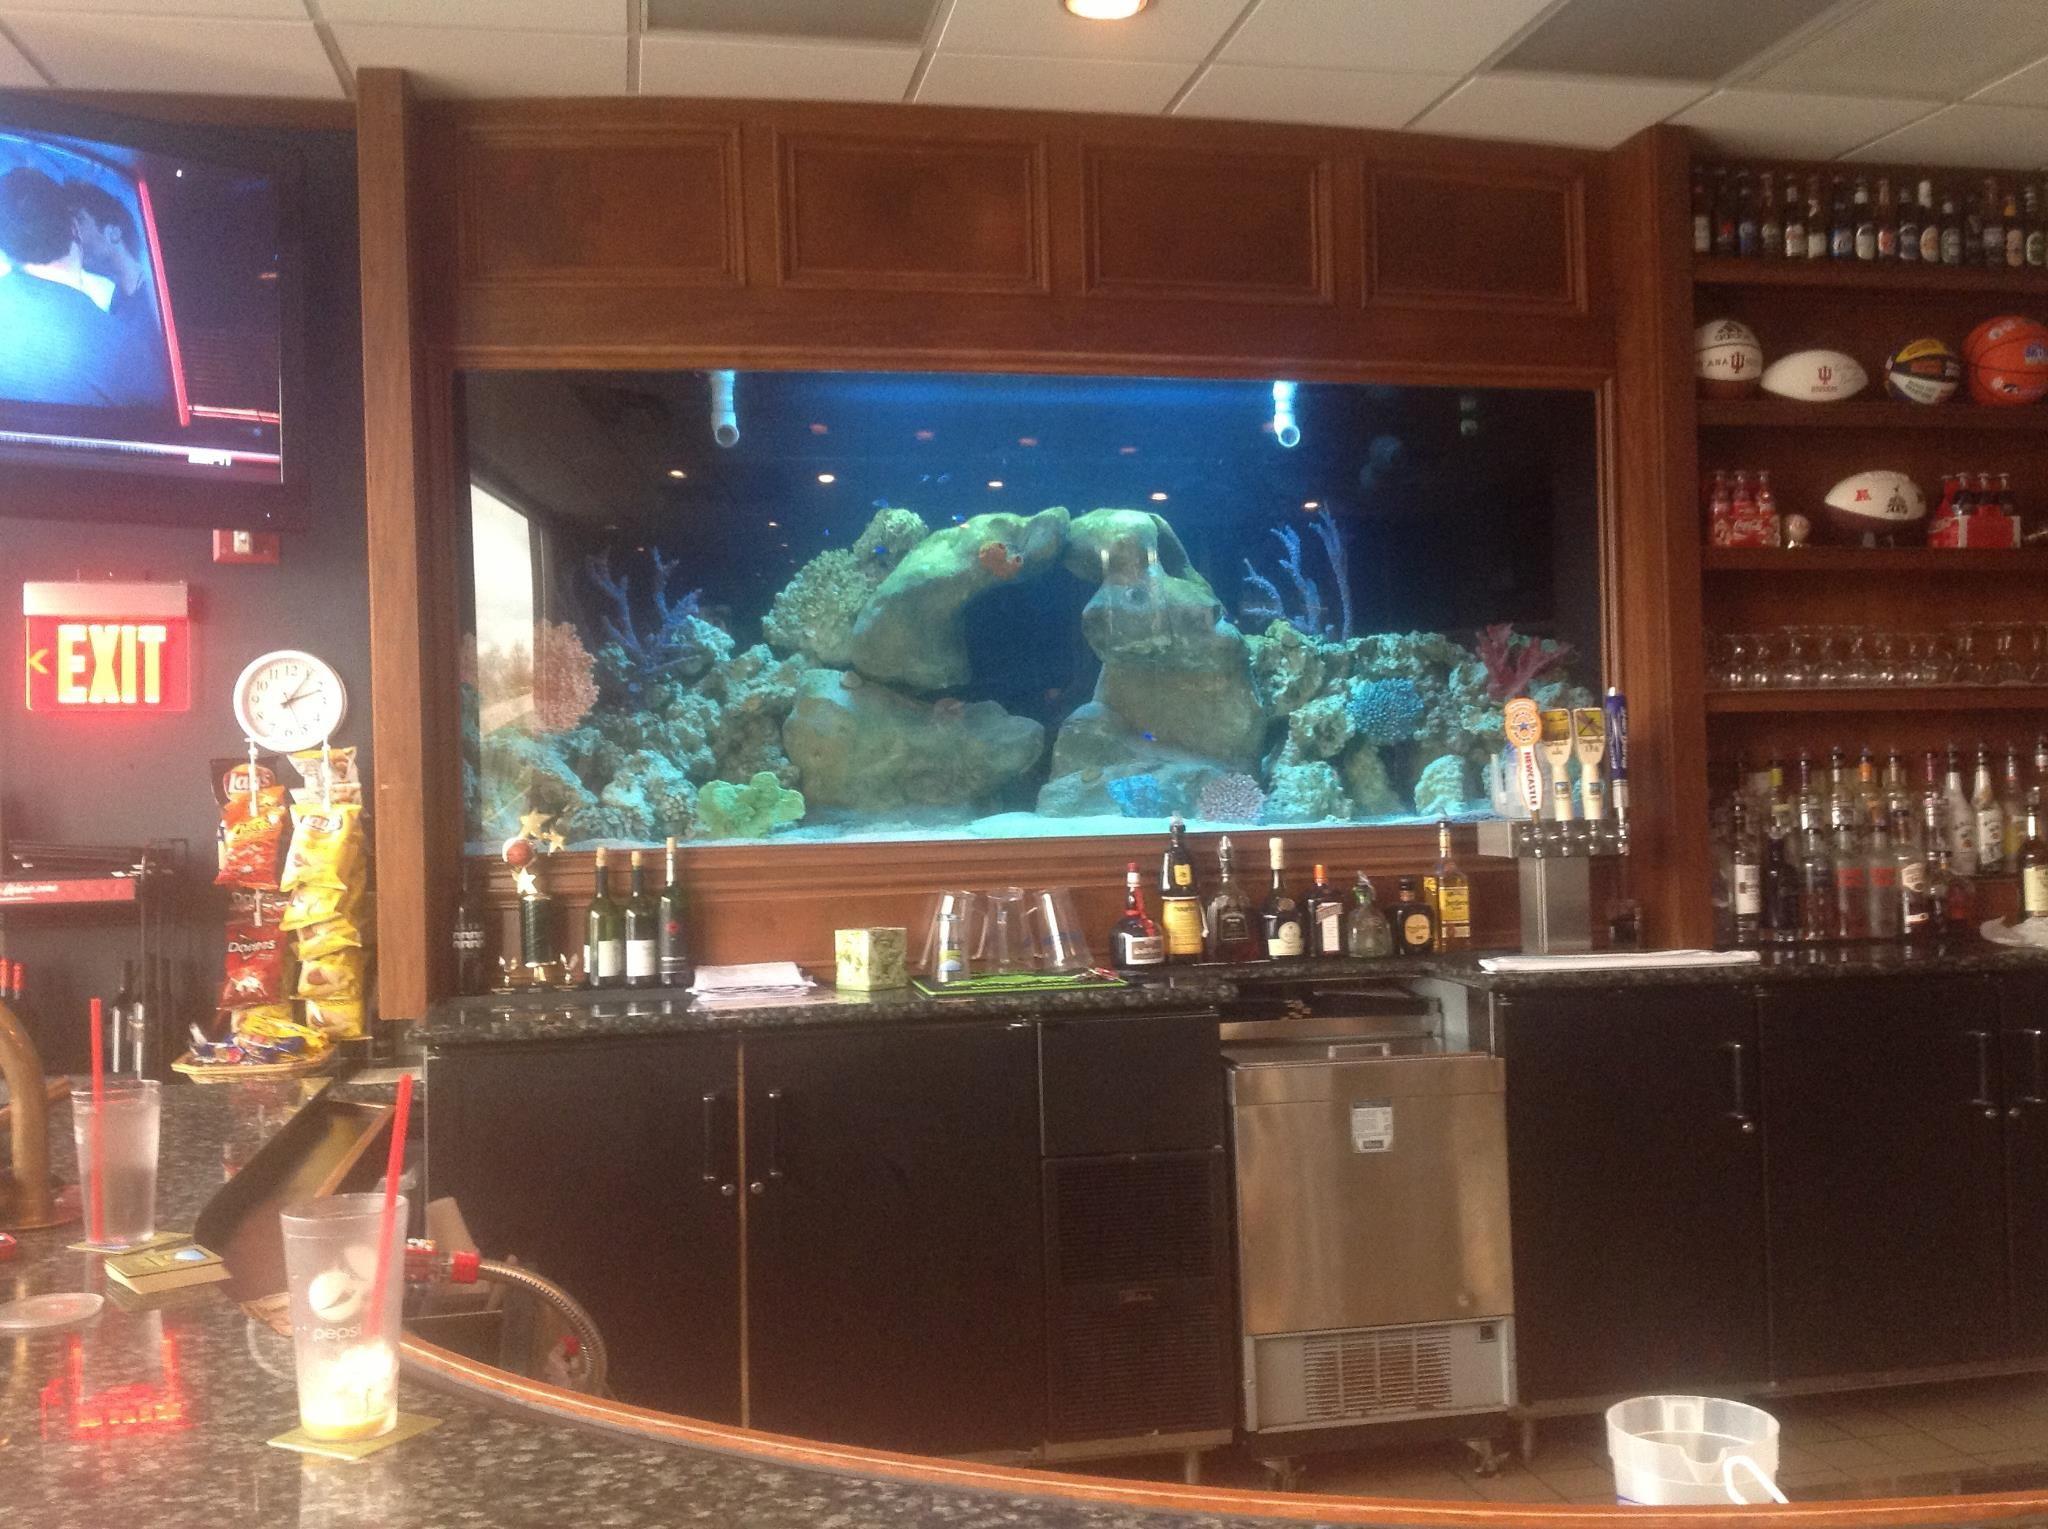 900 gallon Saltwater aquarium by Artistic Aquatics